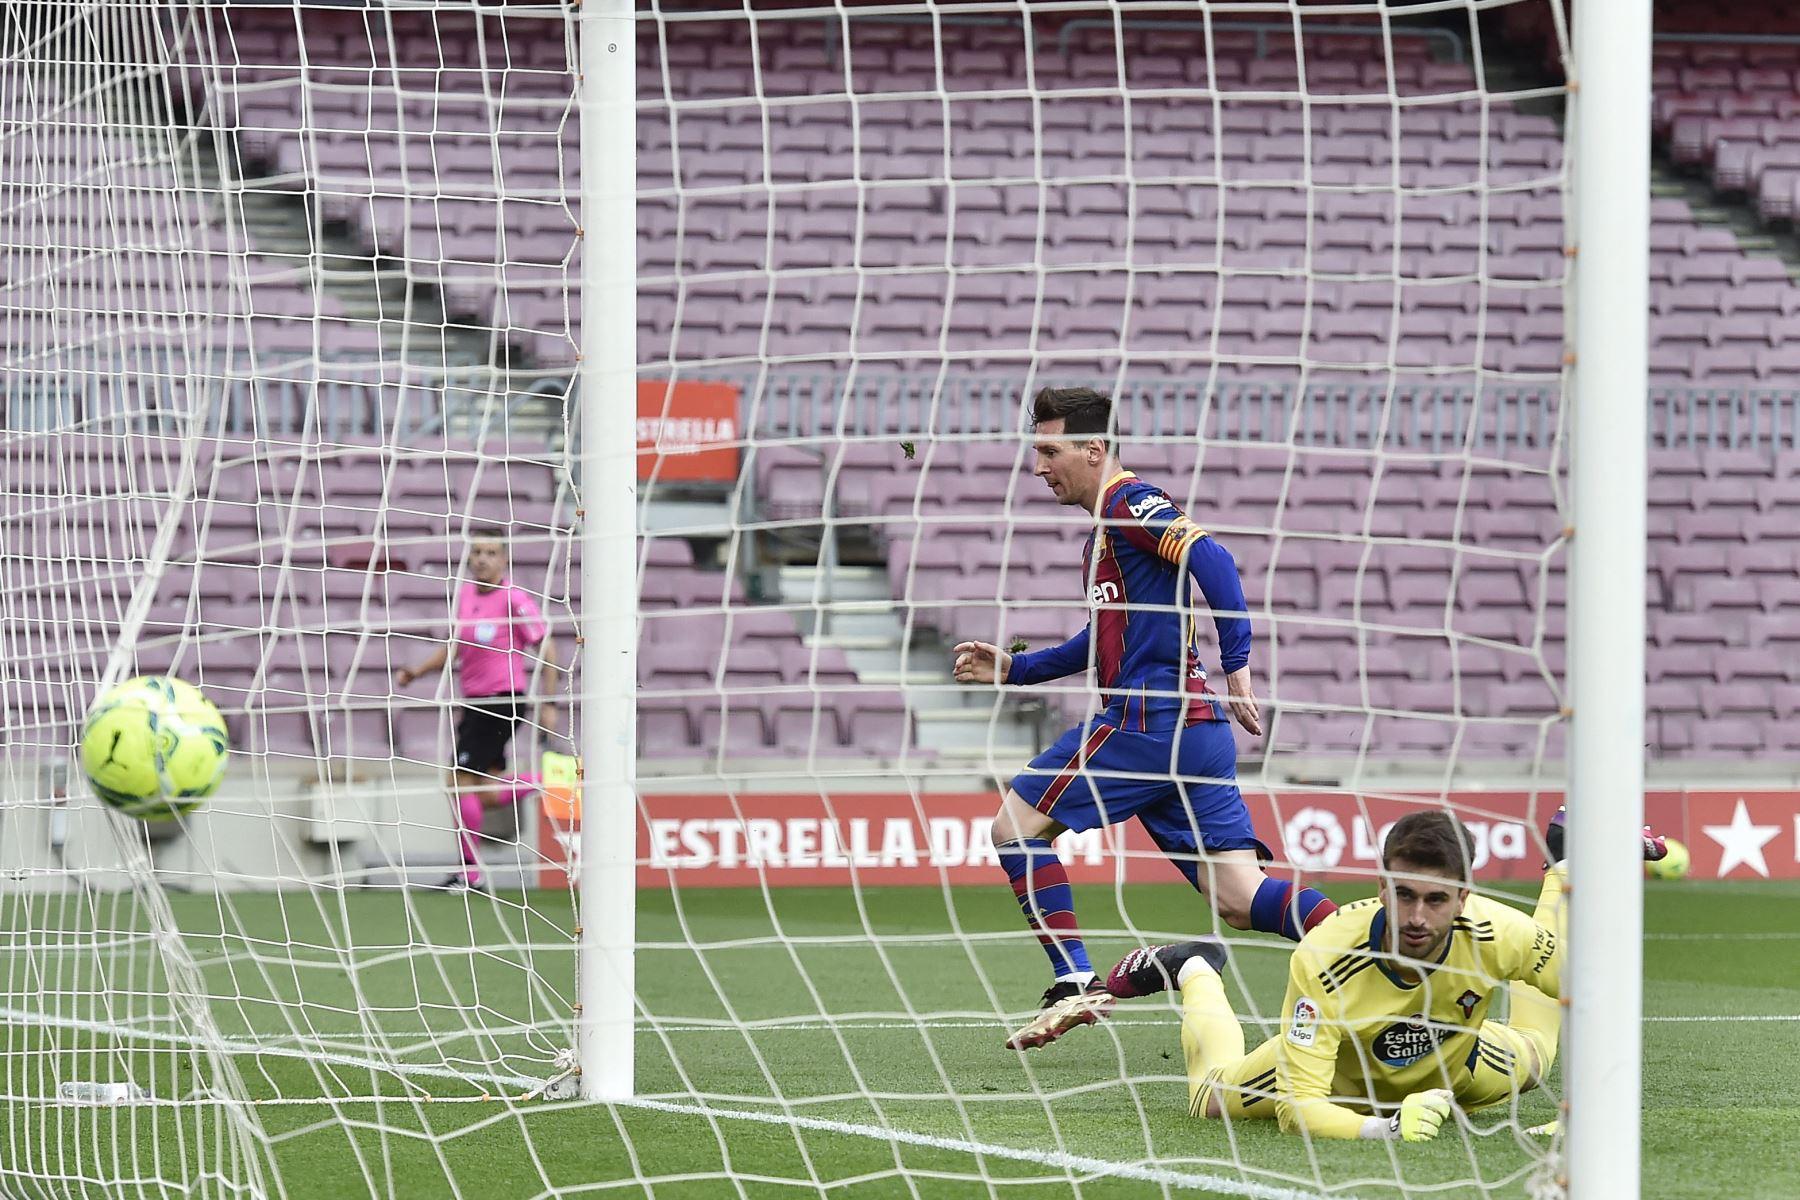 El delantero argentino del Barcelona Lionel Messi marca un gol durante el partido de fútbol de la Liga española entre el FC Barcelona y el RC Celta de Vigo. Foto: AFP